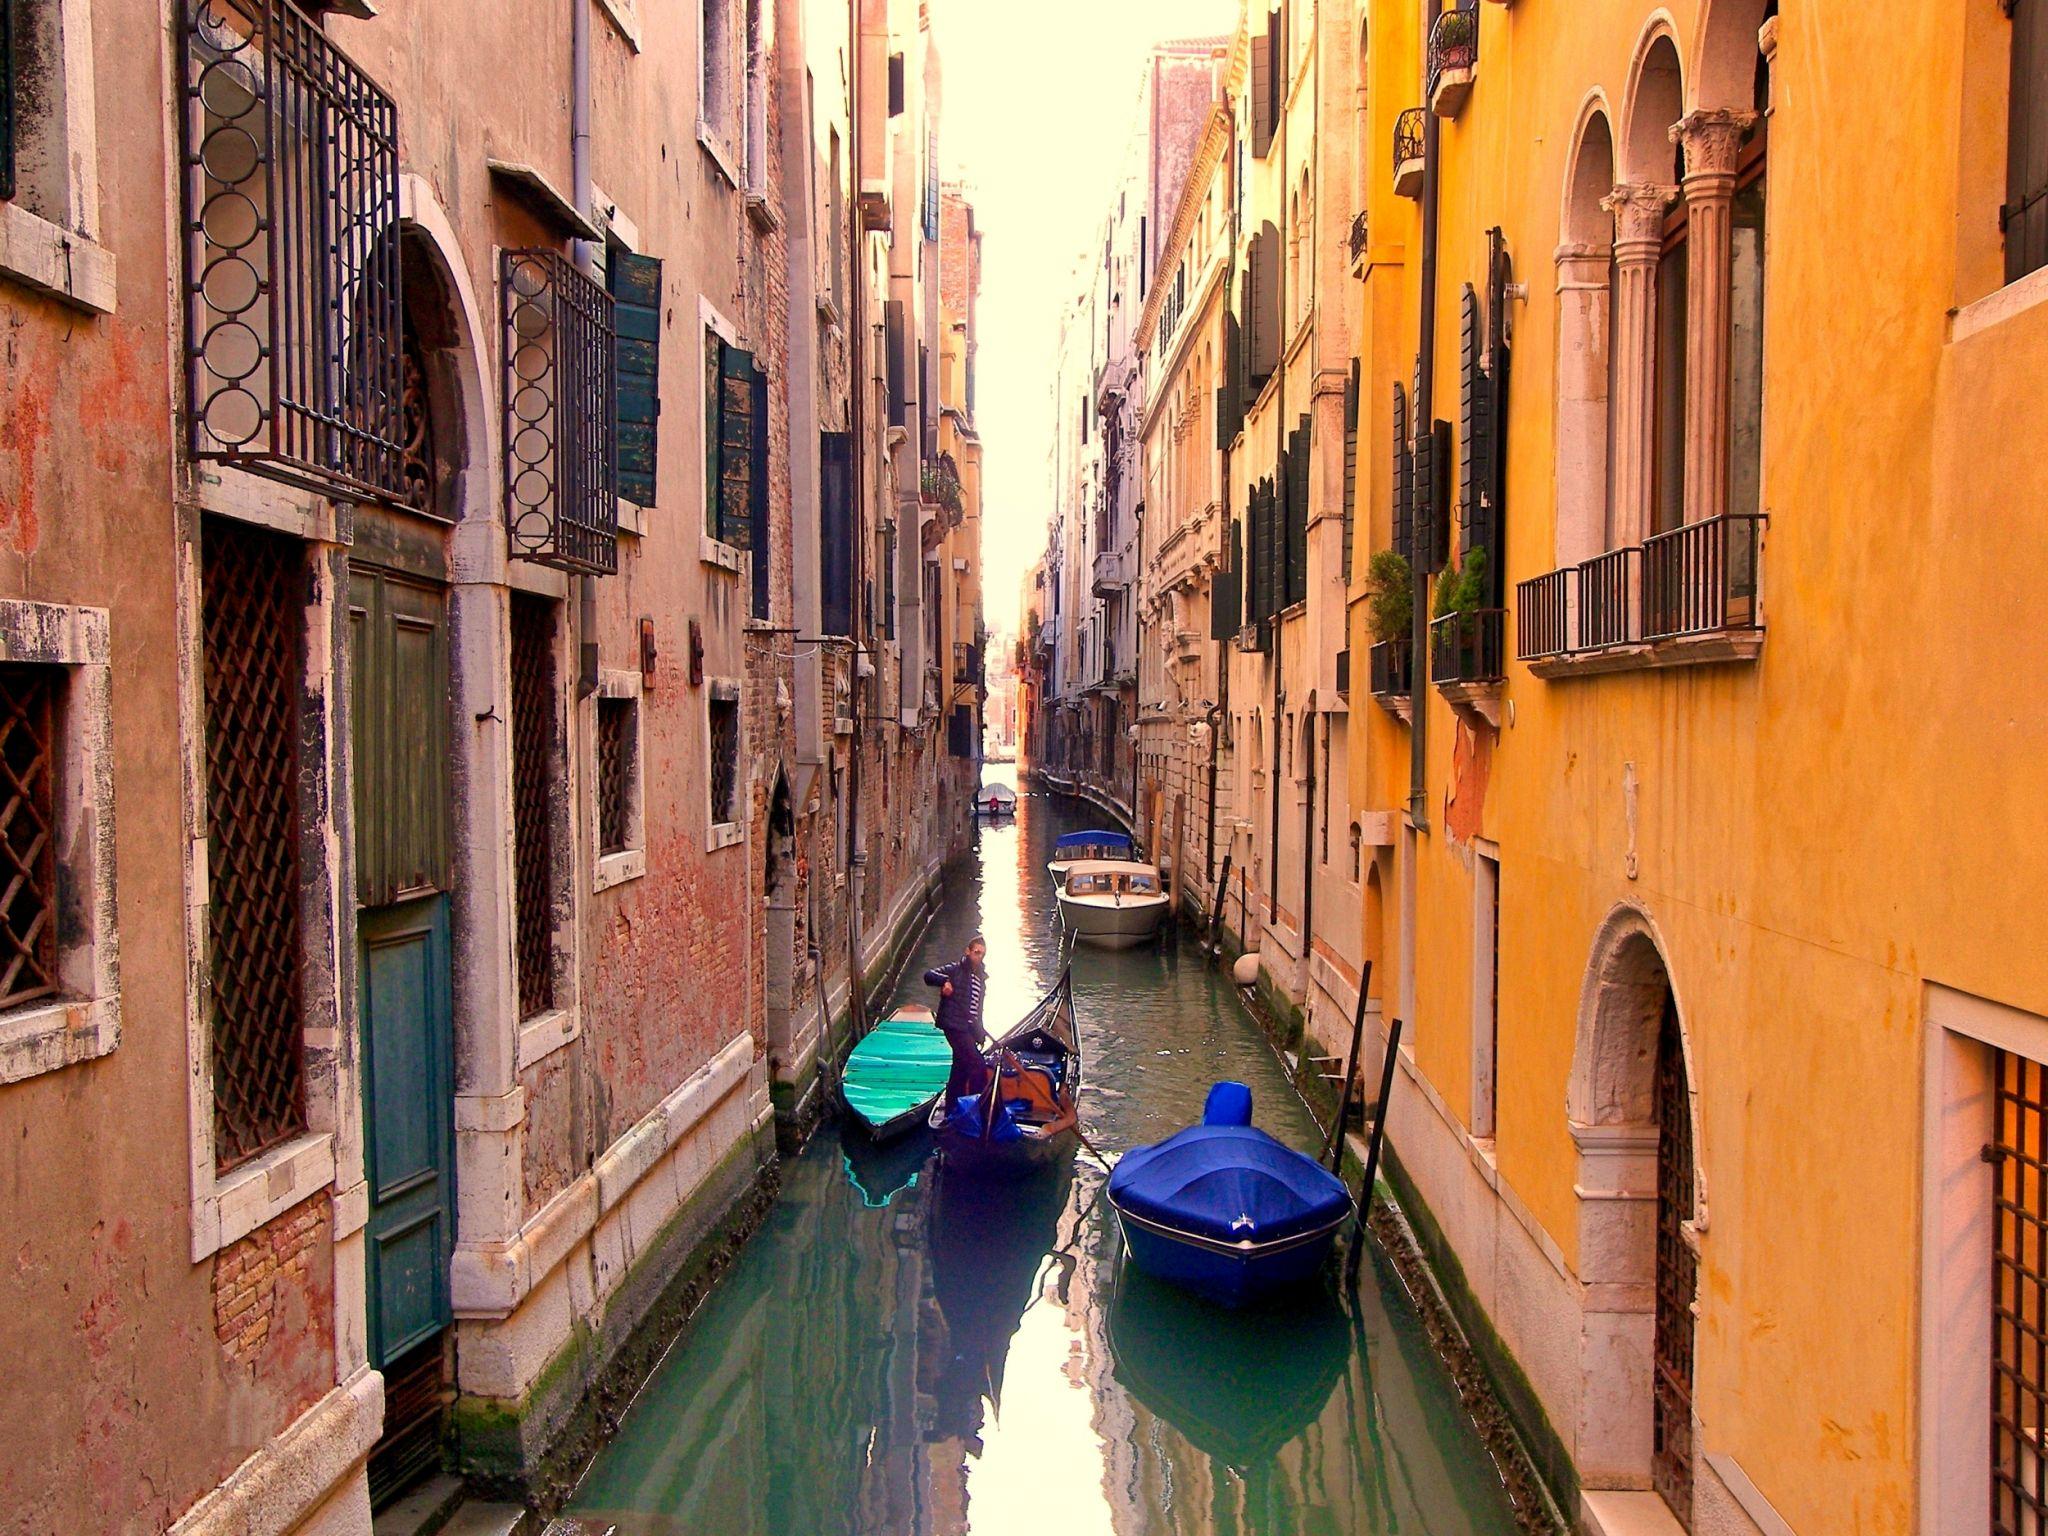 Narrow 'Road', Italy